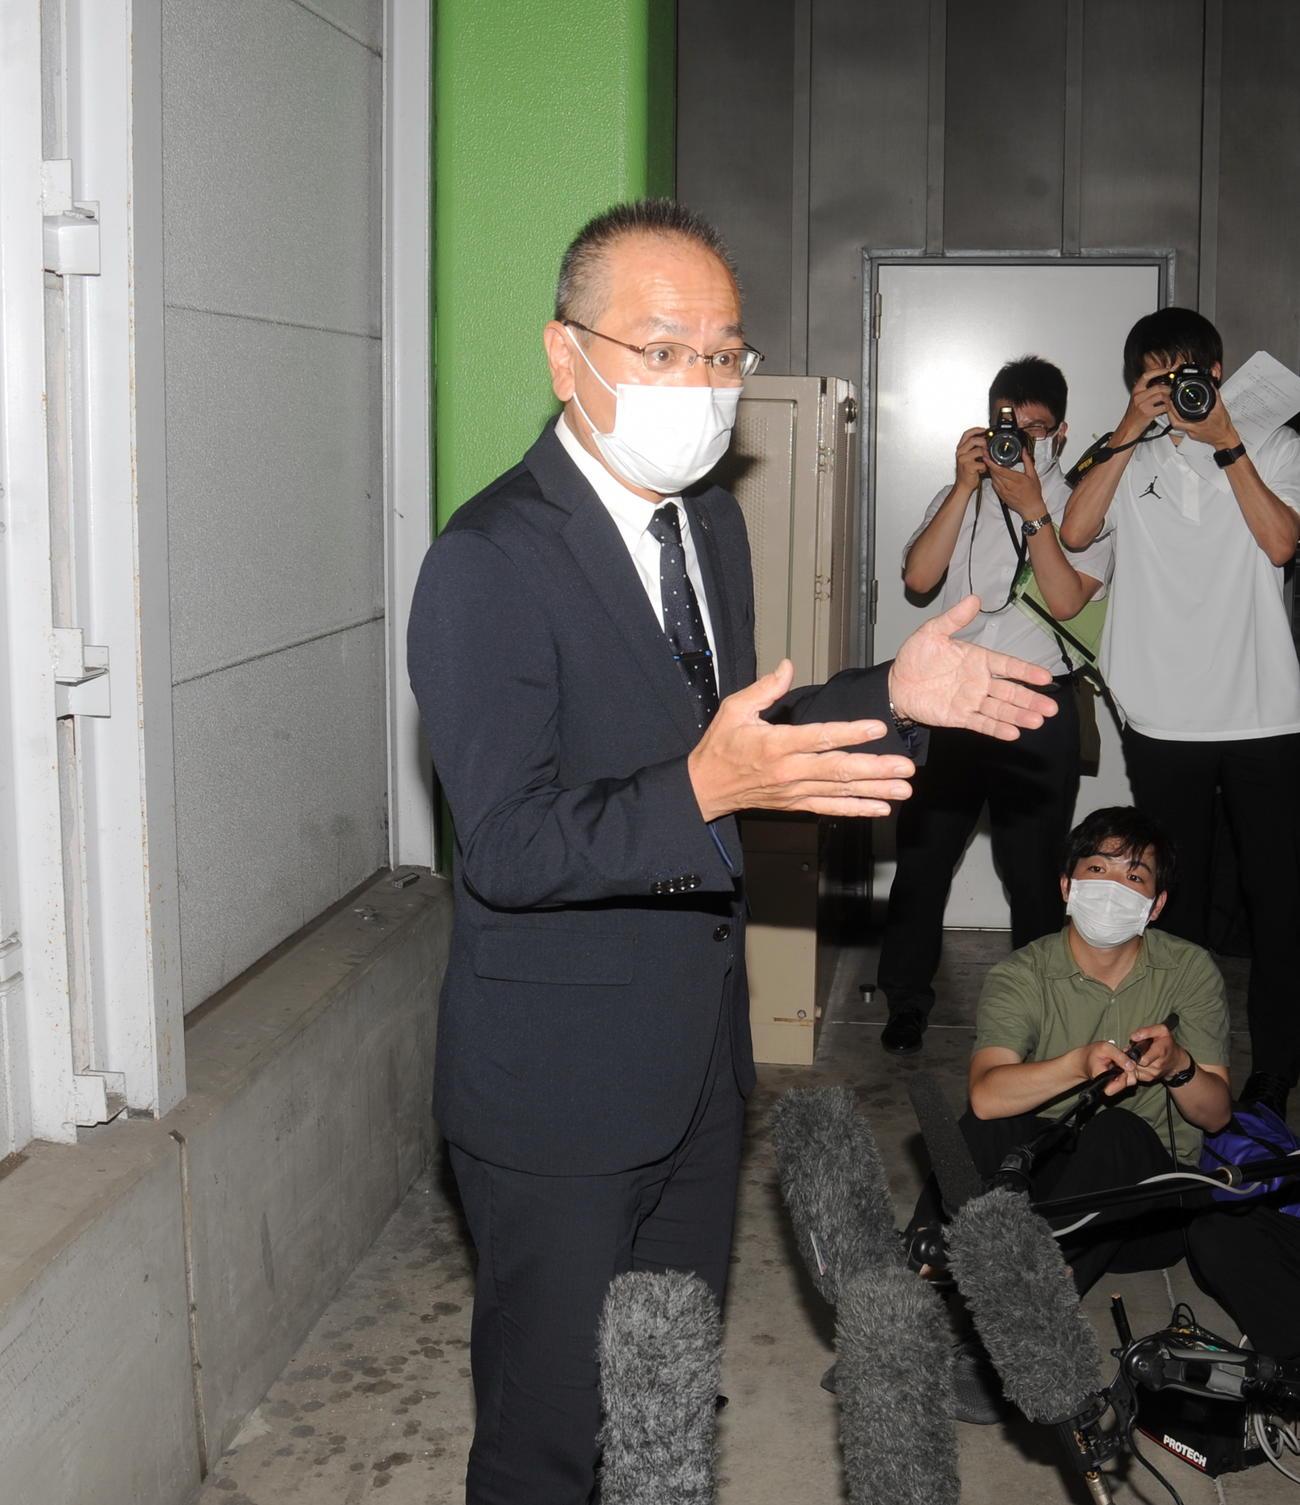 代替大会開催が決まり、大会概要を説明する静岡県高野連の野部道太会長